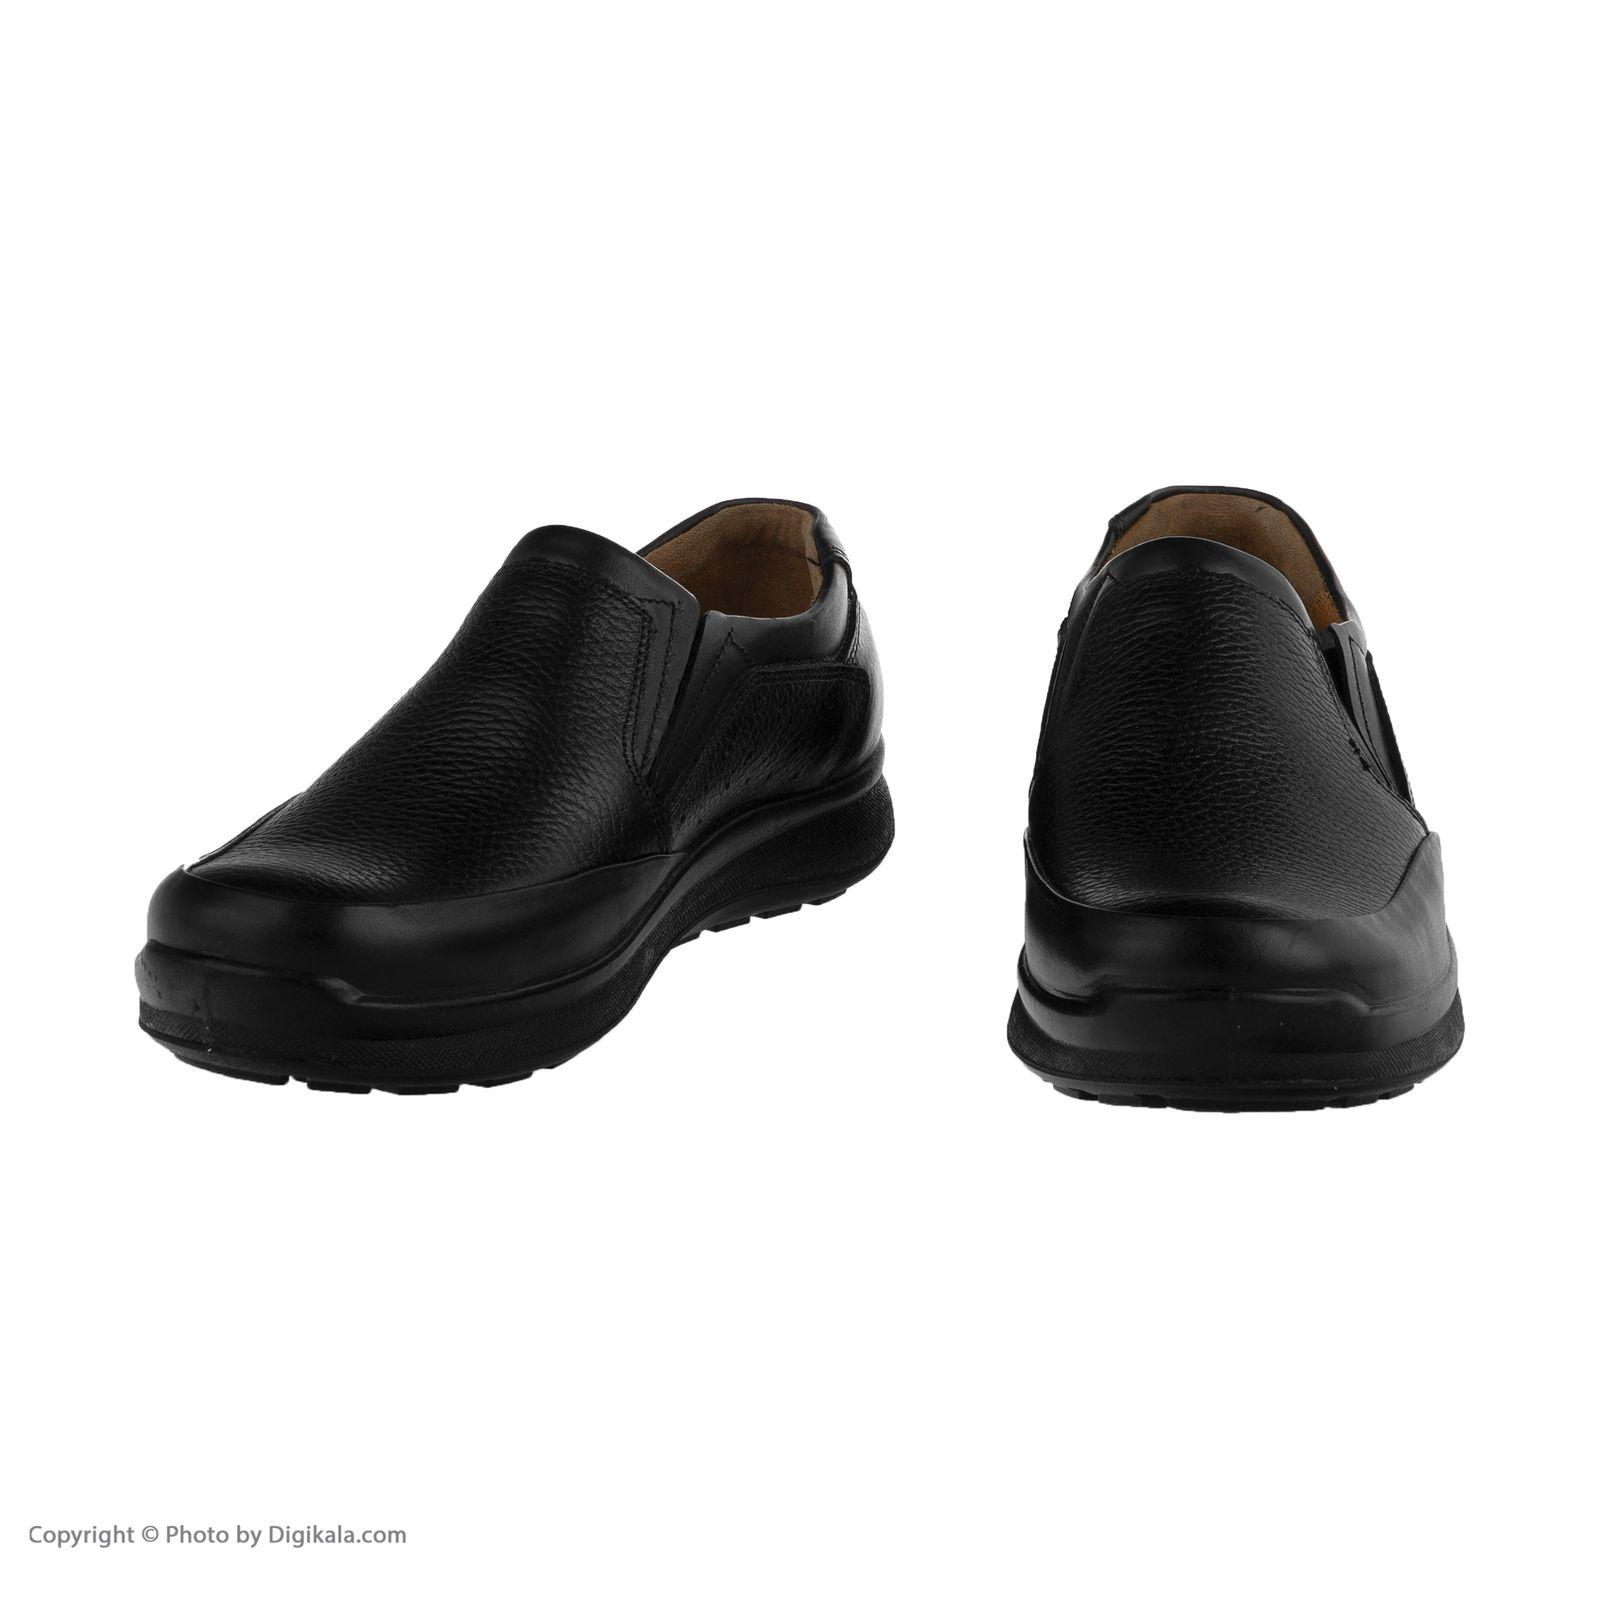 کفش روزمره مردانه سوته مدل 5033A503101 -  - 5